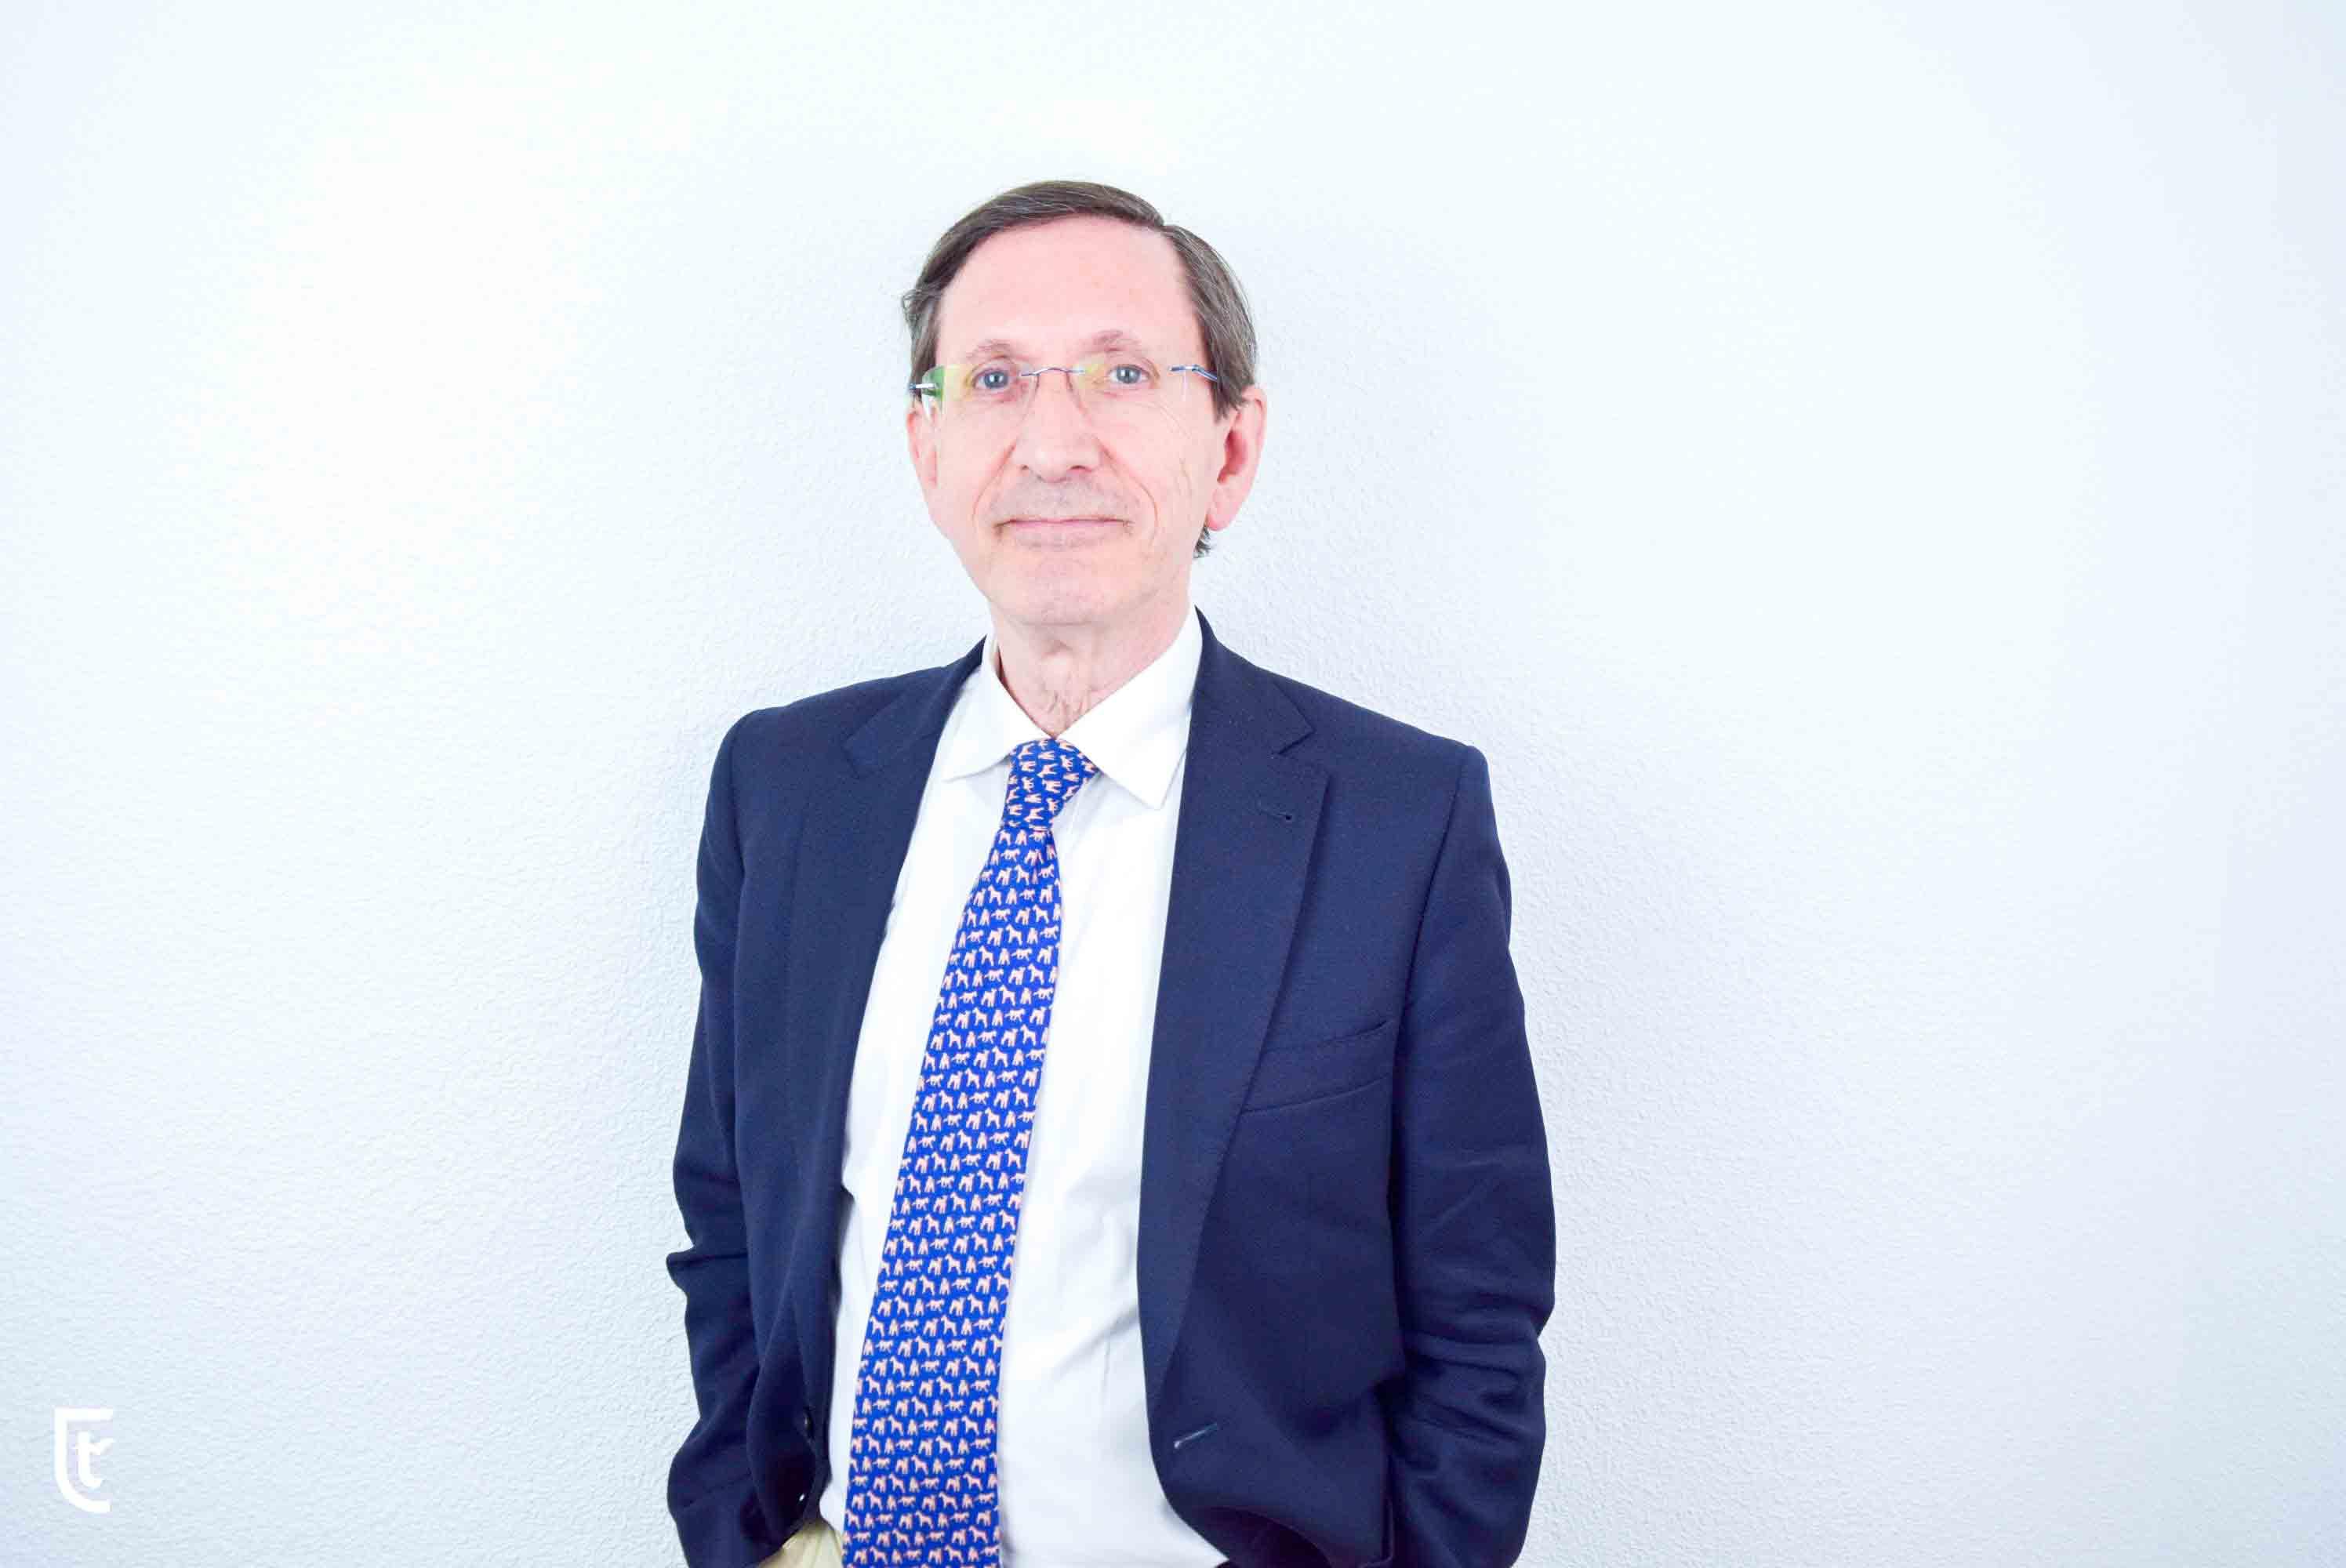 Aurelio Mendiguchía. FP+ Professional Education